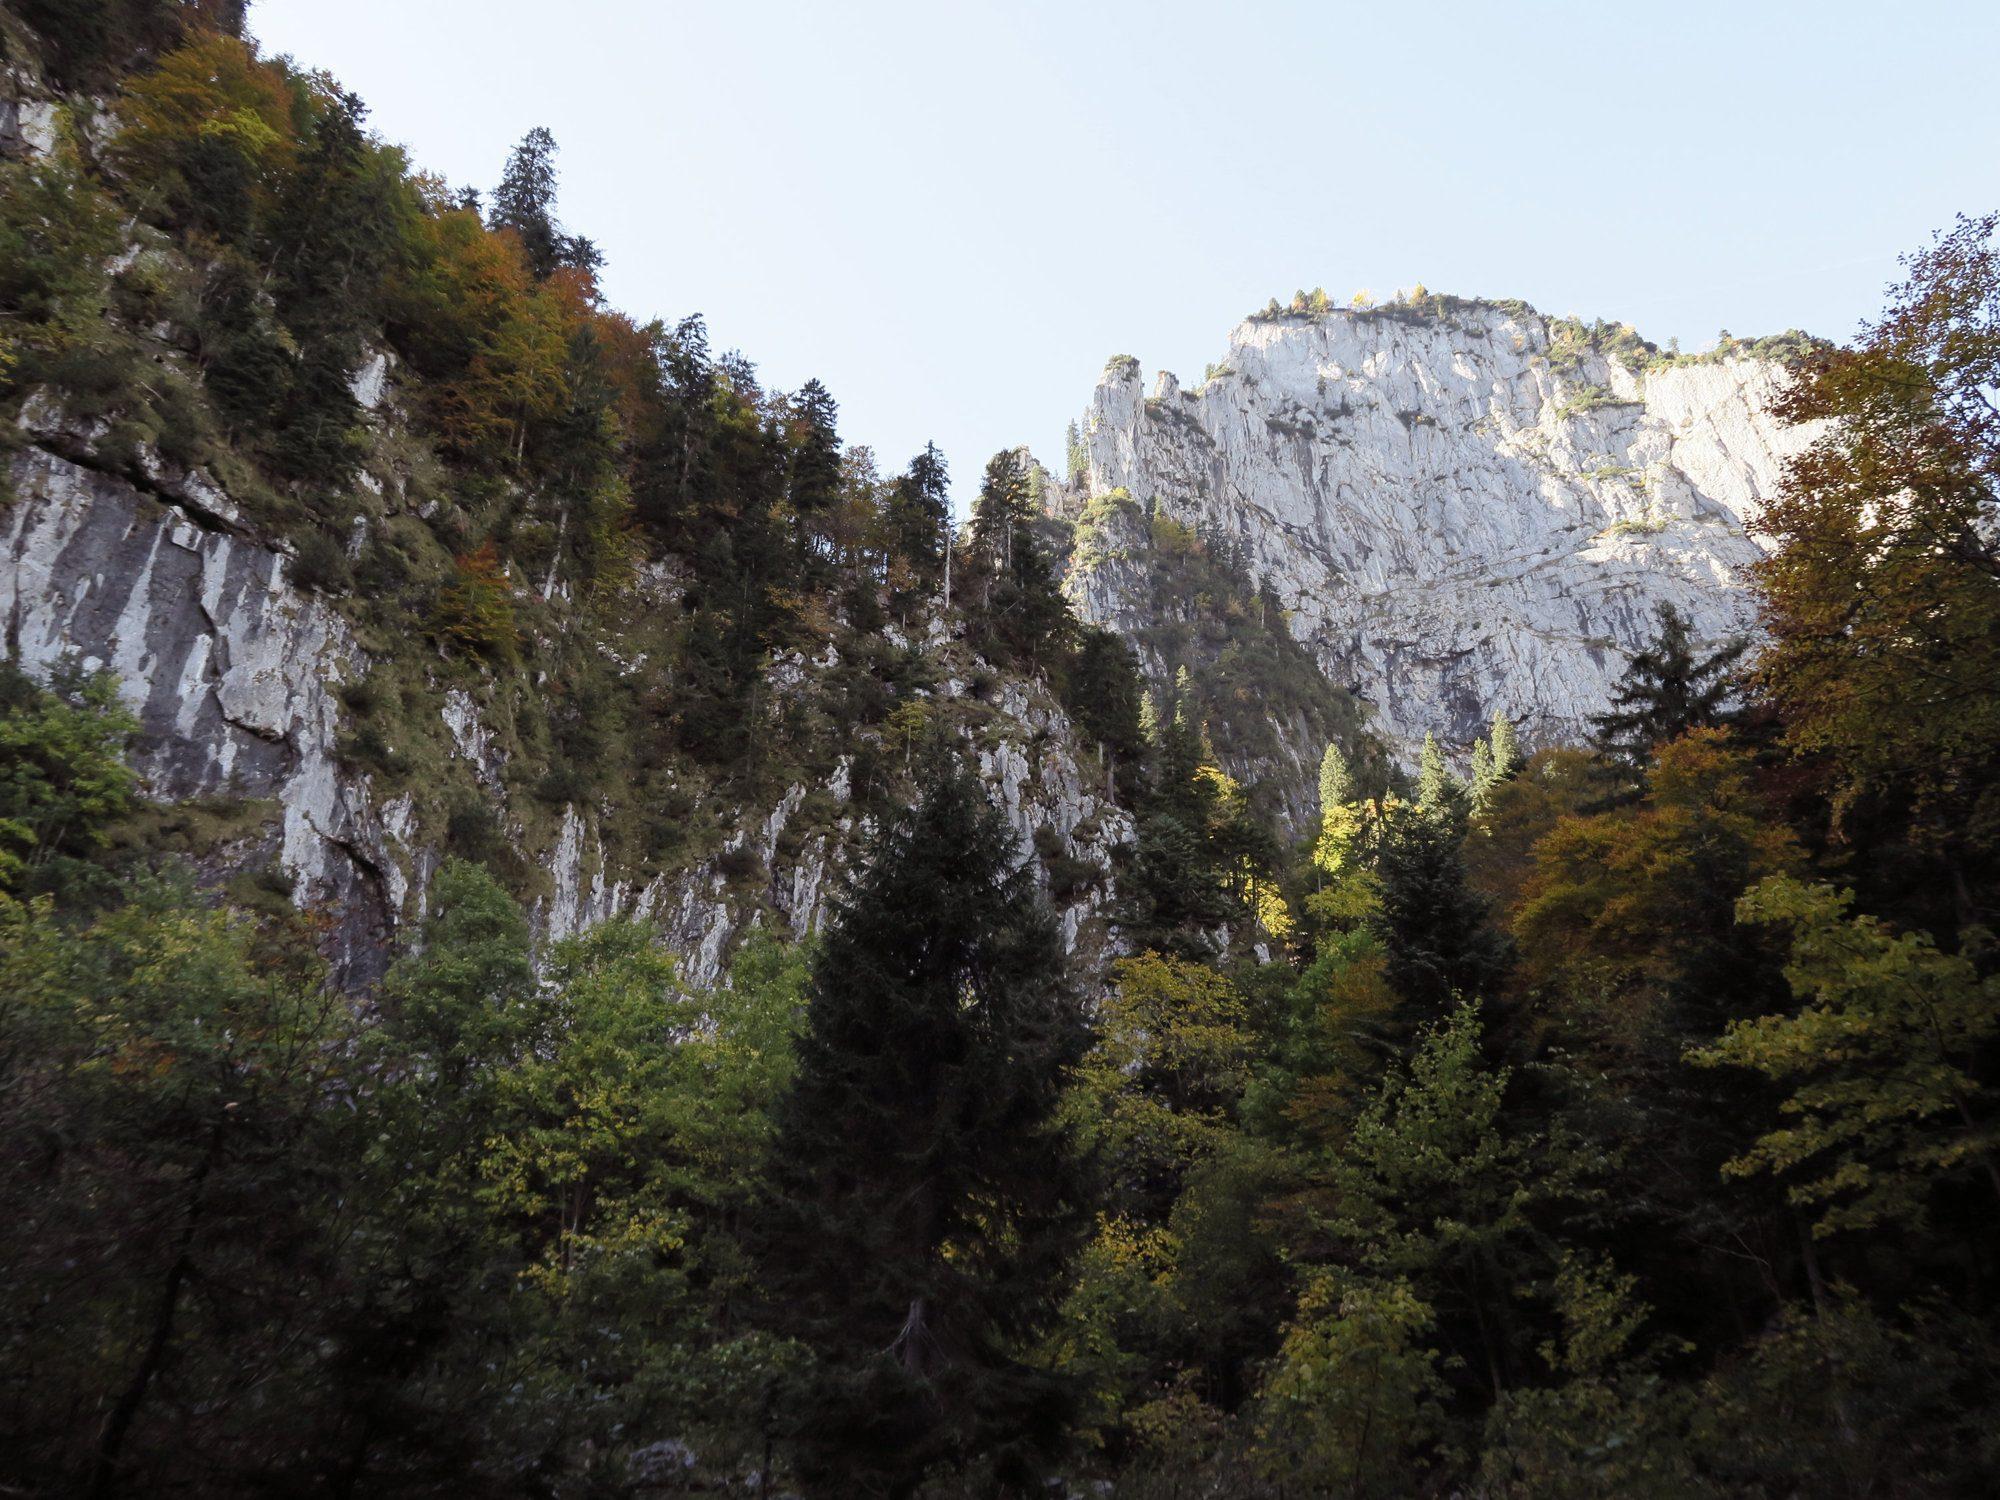 Blick zurück auf die Probstwand mit herbstlichen Bäumen